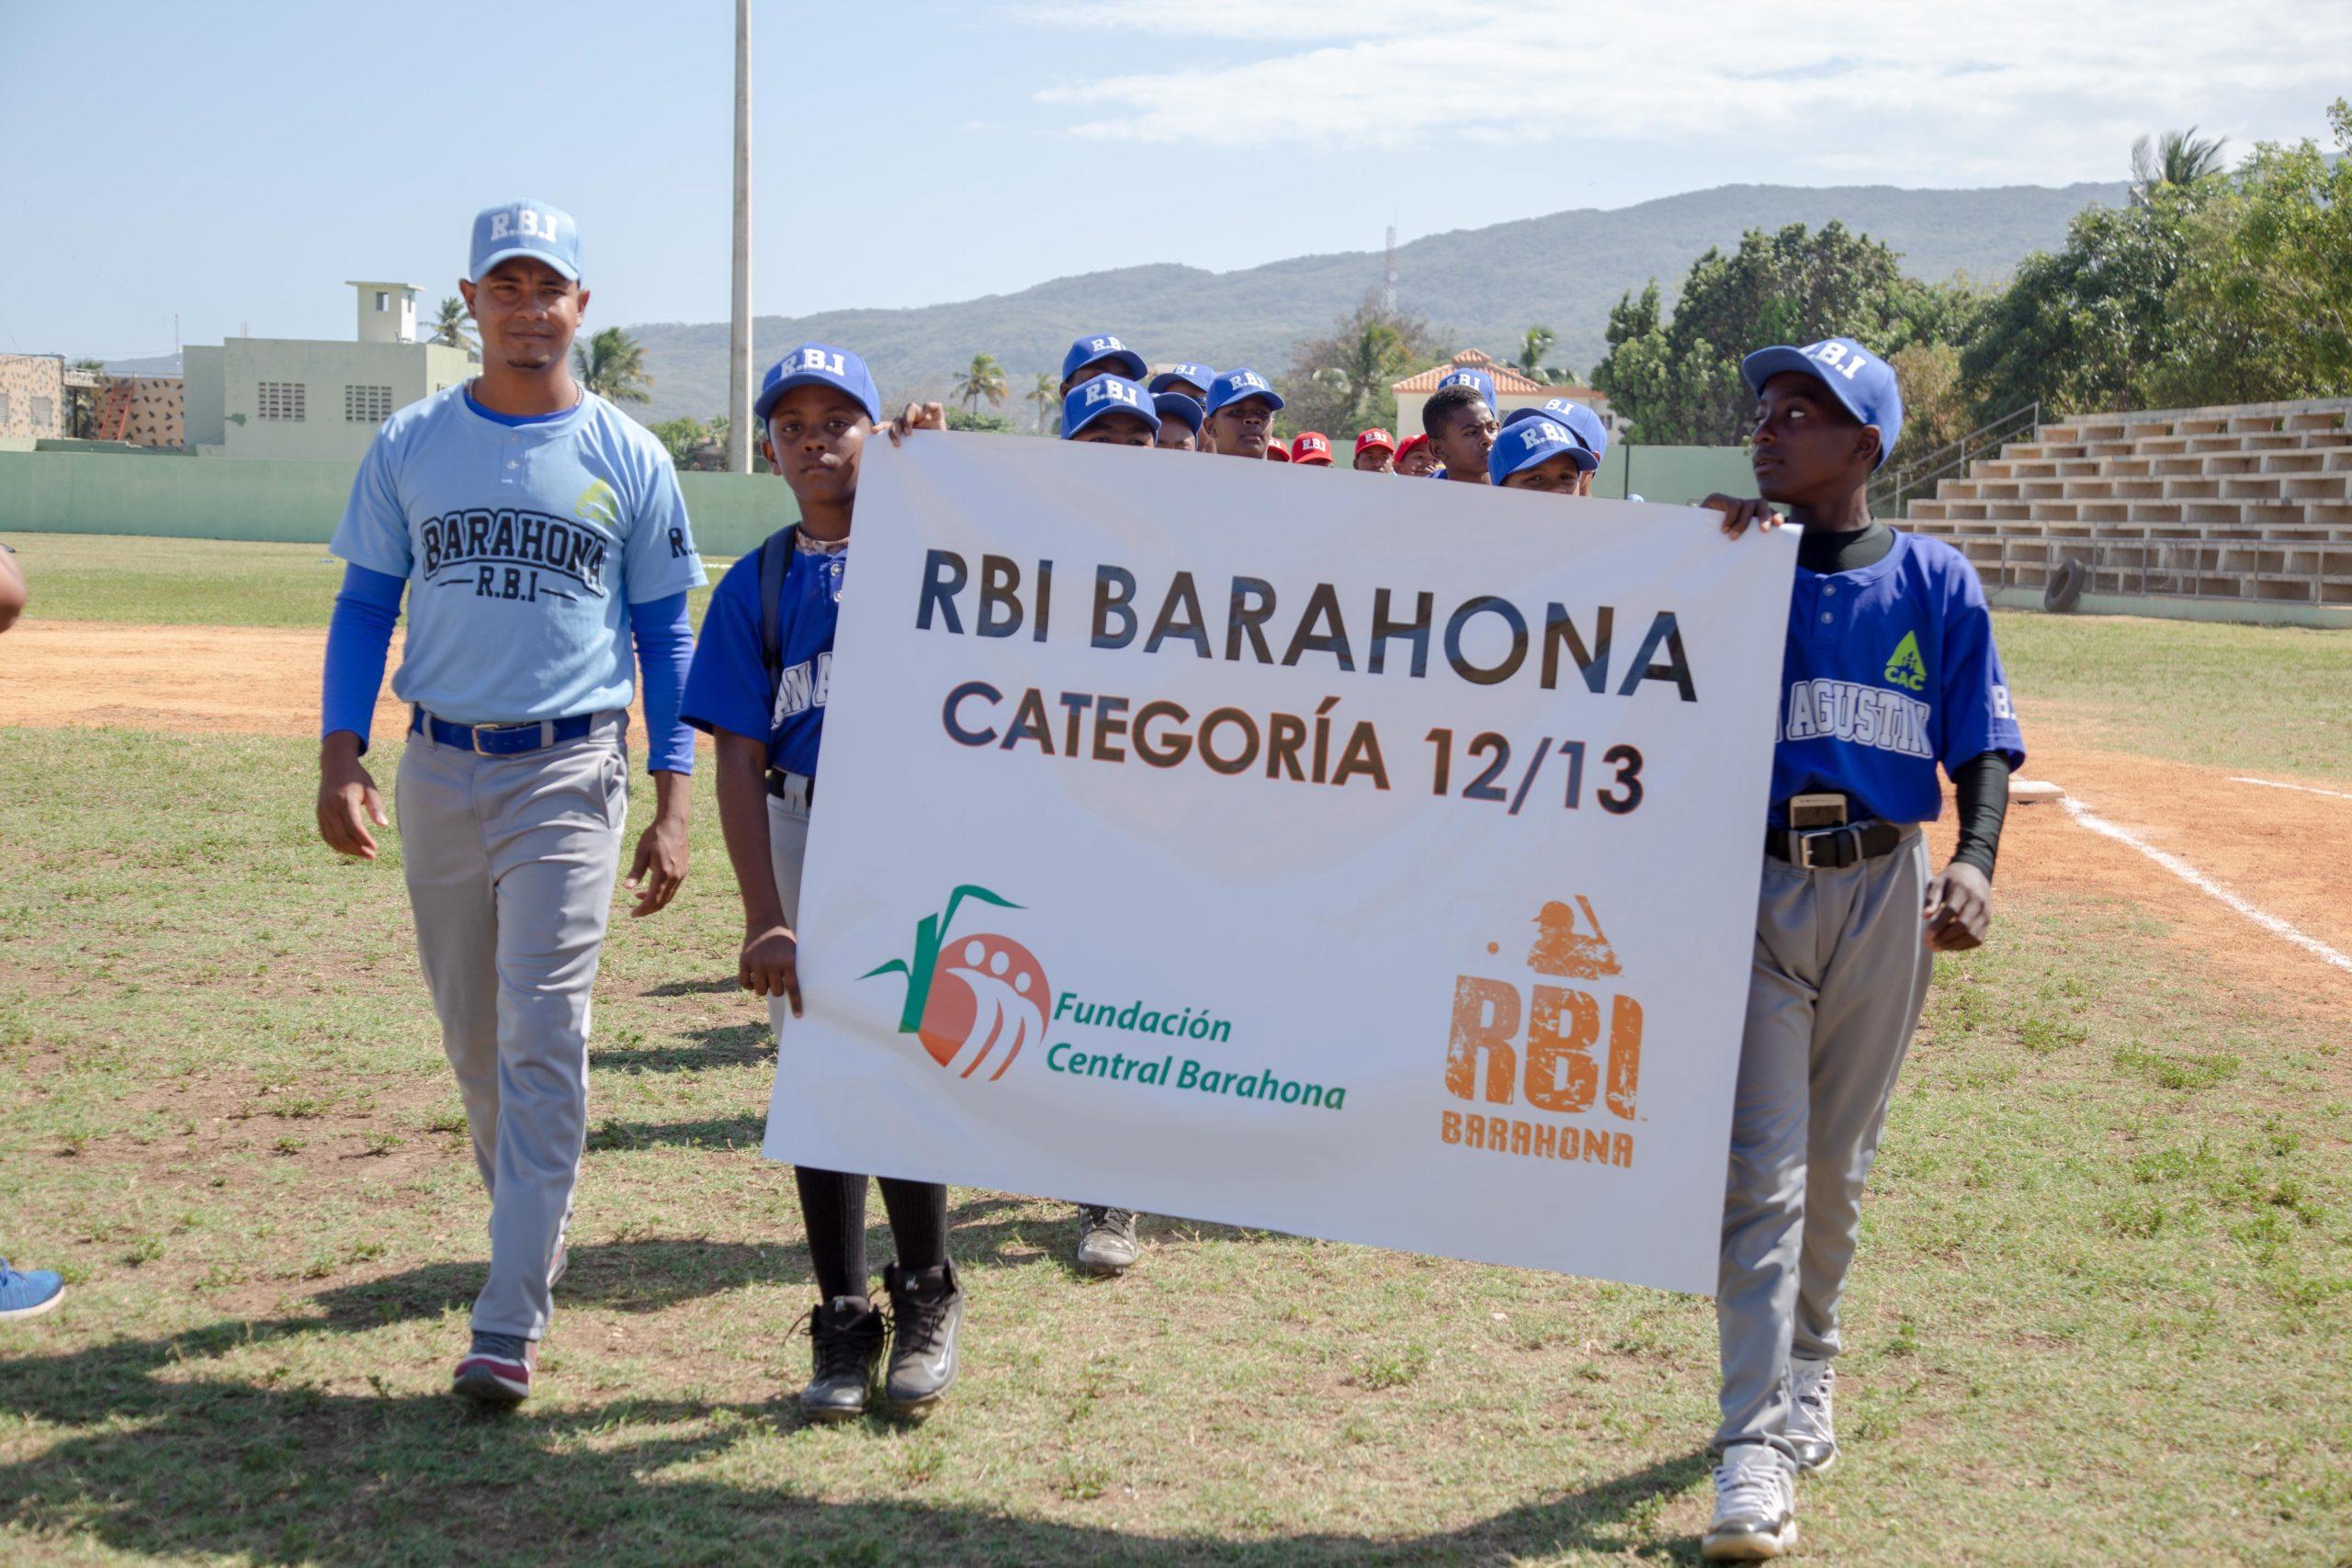 Fundación CB Inaugura VI Torneo de RBI Barahona, Fundación CB  Inaugura VI Torneo de RBI Barahona